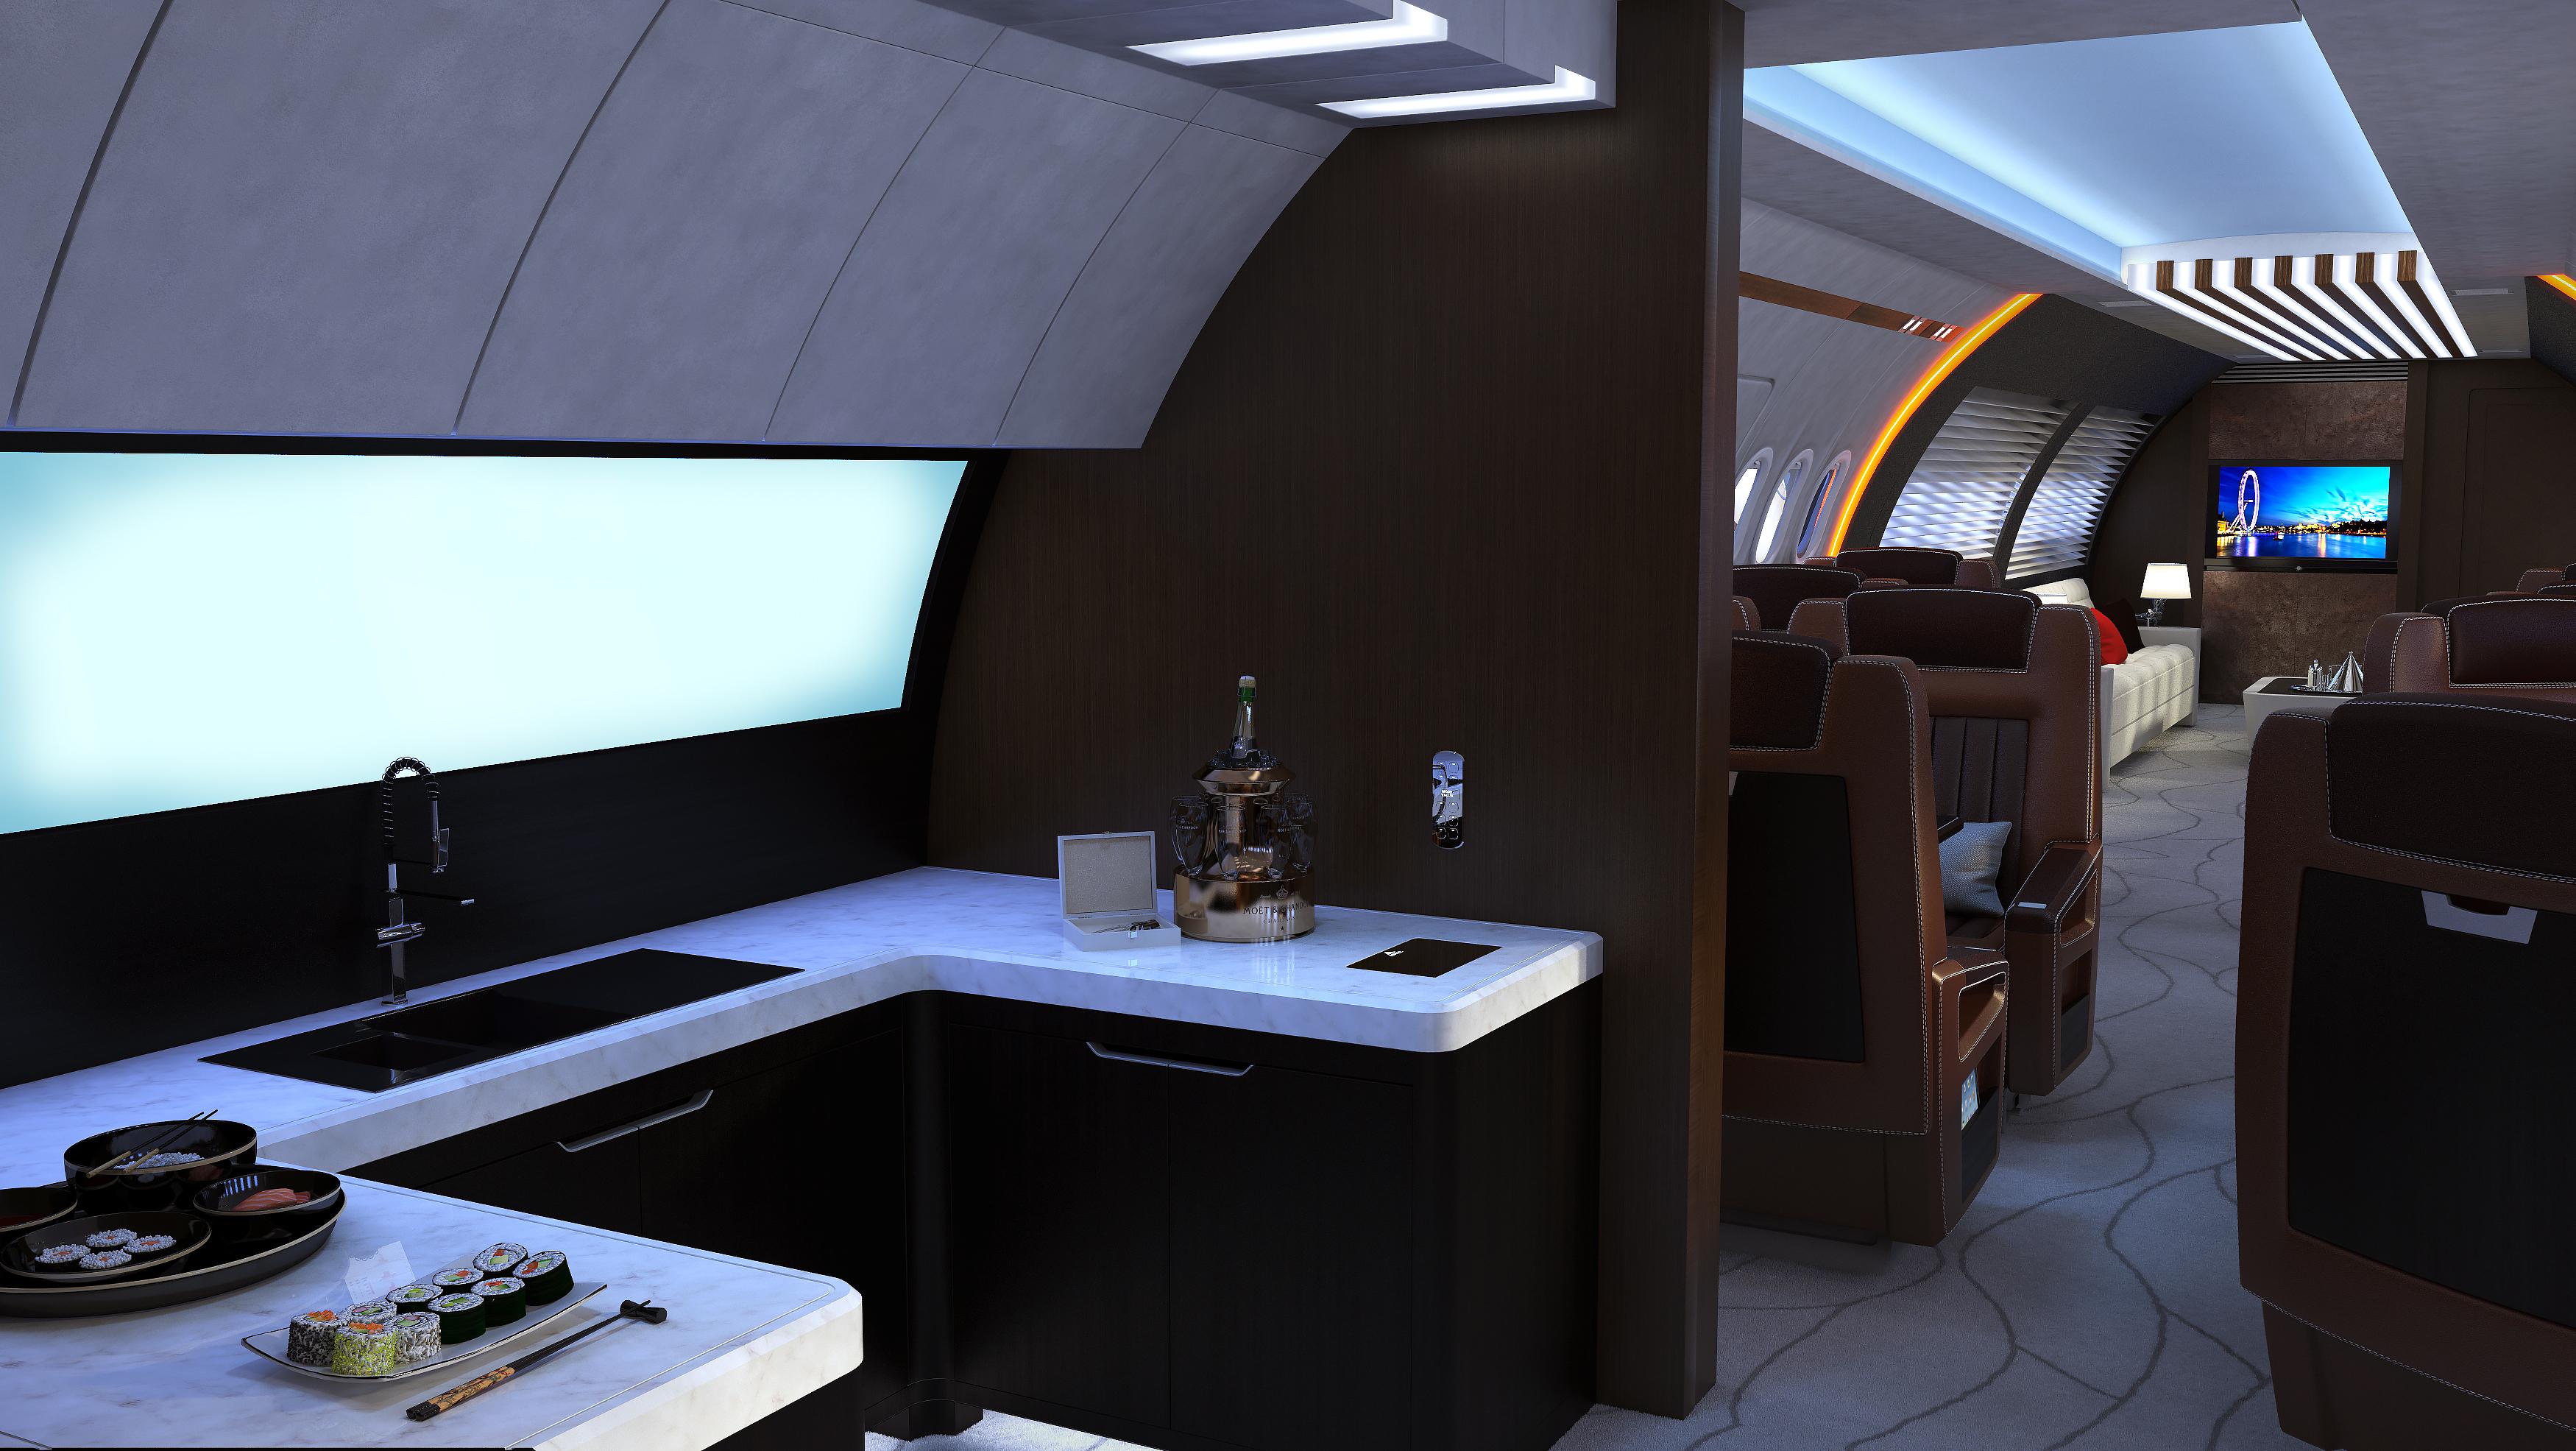 A320 Business Jet Interior Concept Design